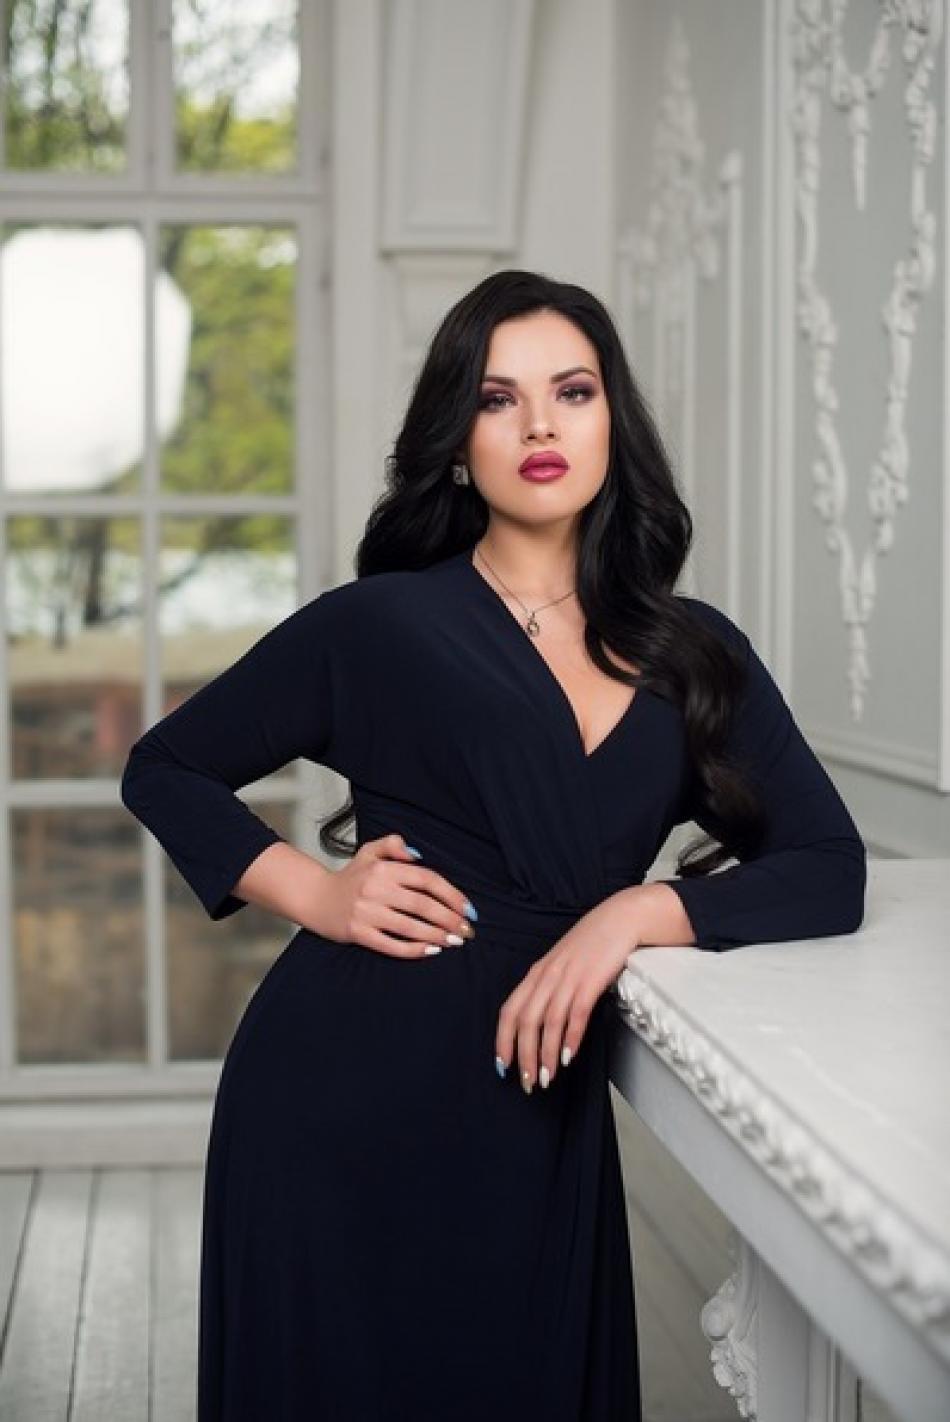 Monica  Escort Girl In New York 06055649 - 6 6